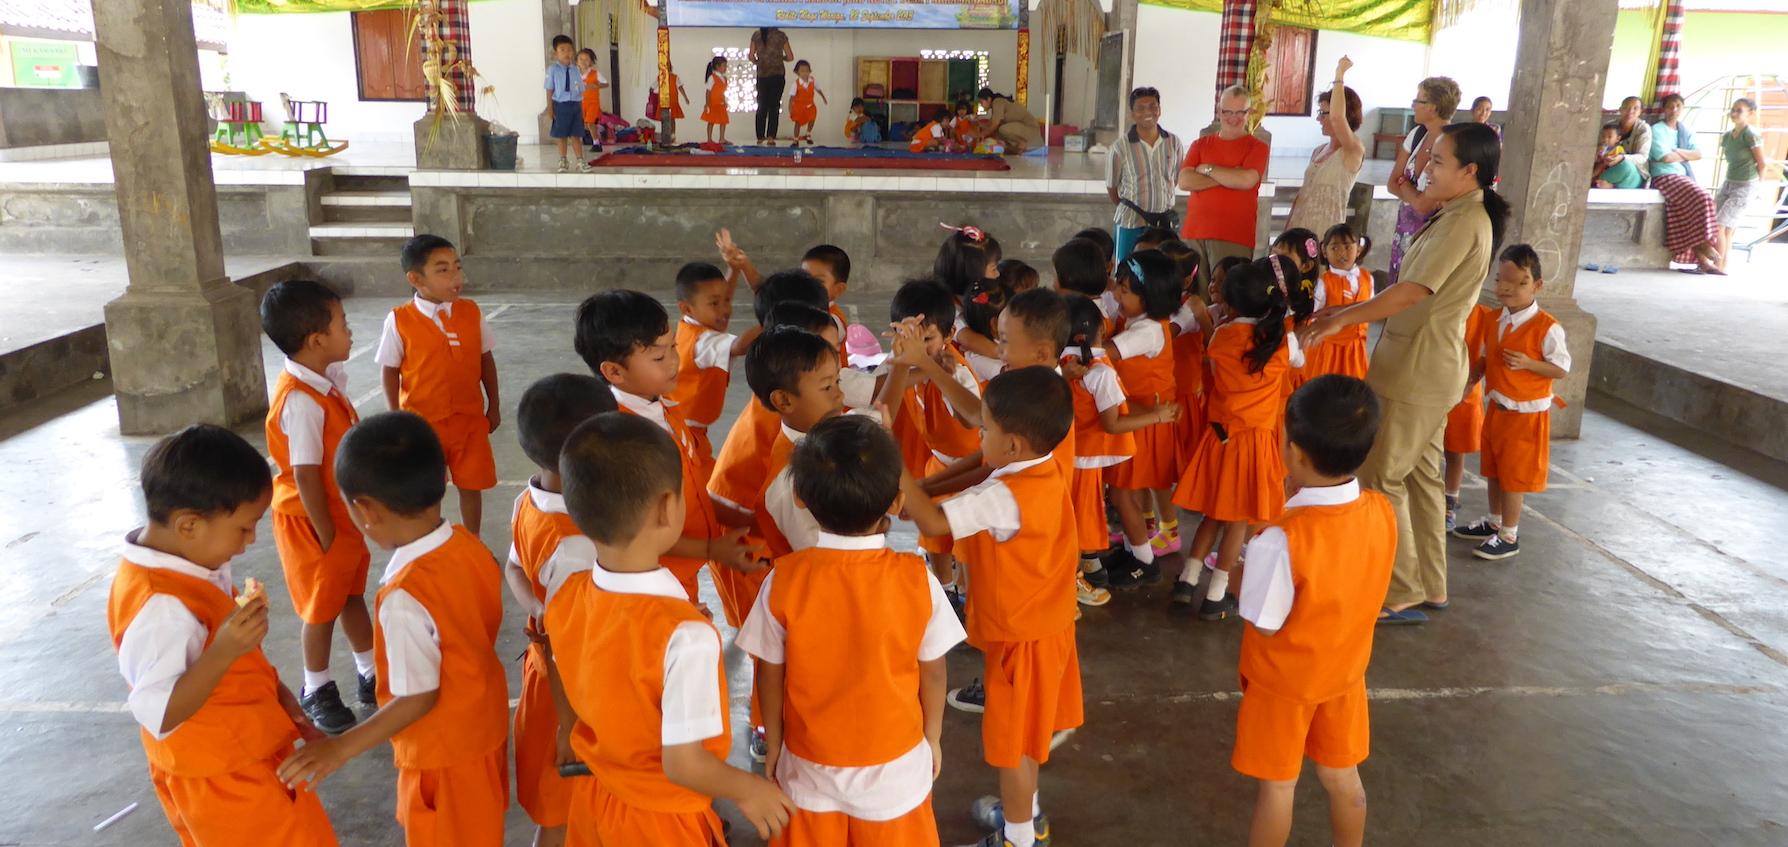 Ababi Kleuterschool 13 Speelkwartier